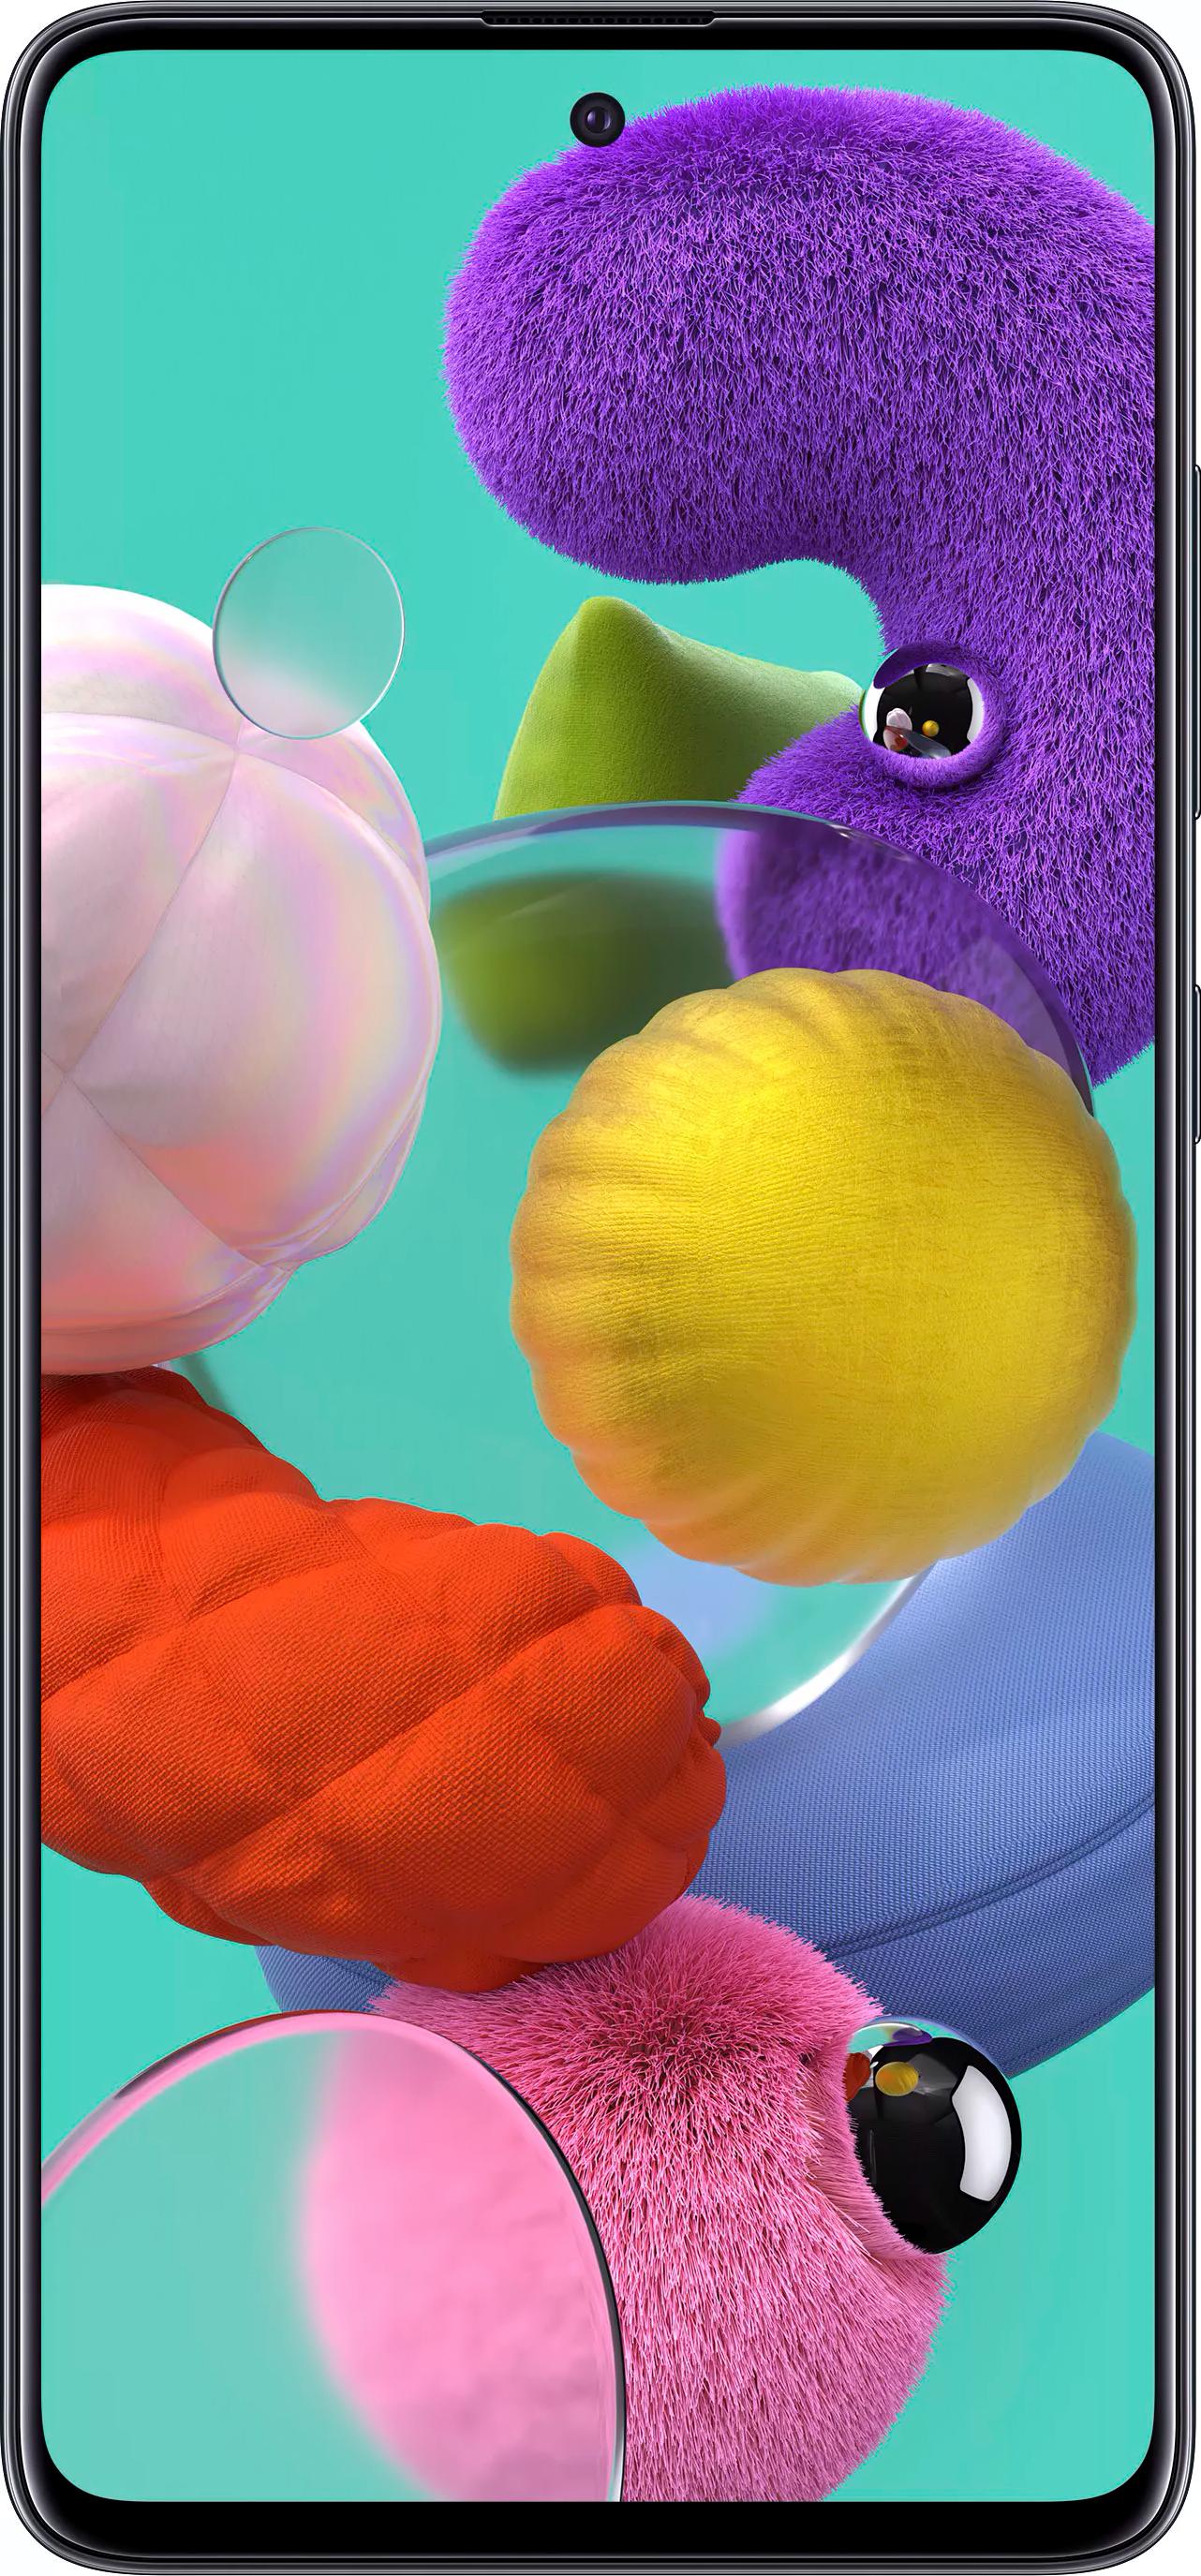 Смартфон Samsung Galaxy A51 6/128Gb (SM-A515FZKCSER) черный фото